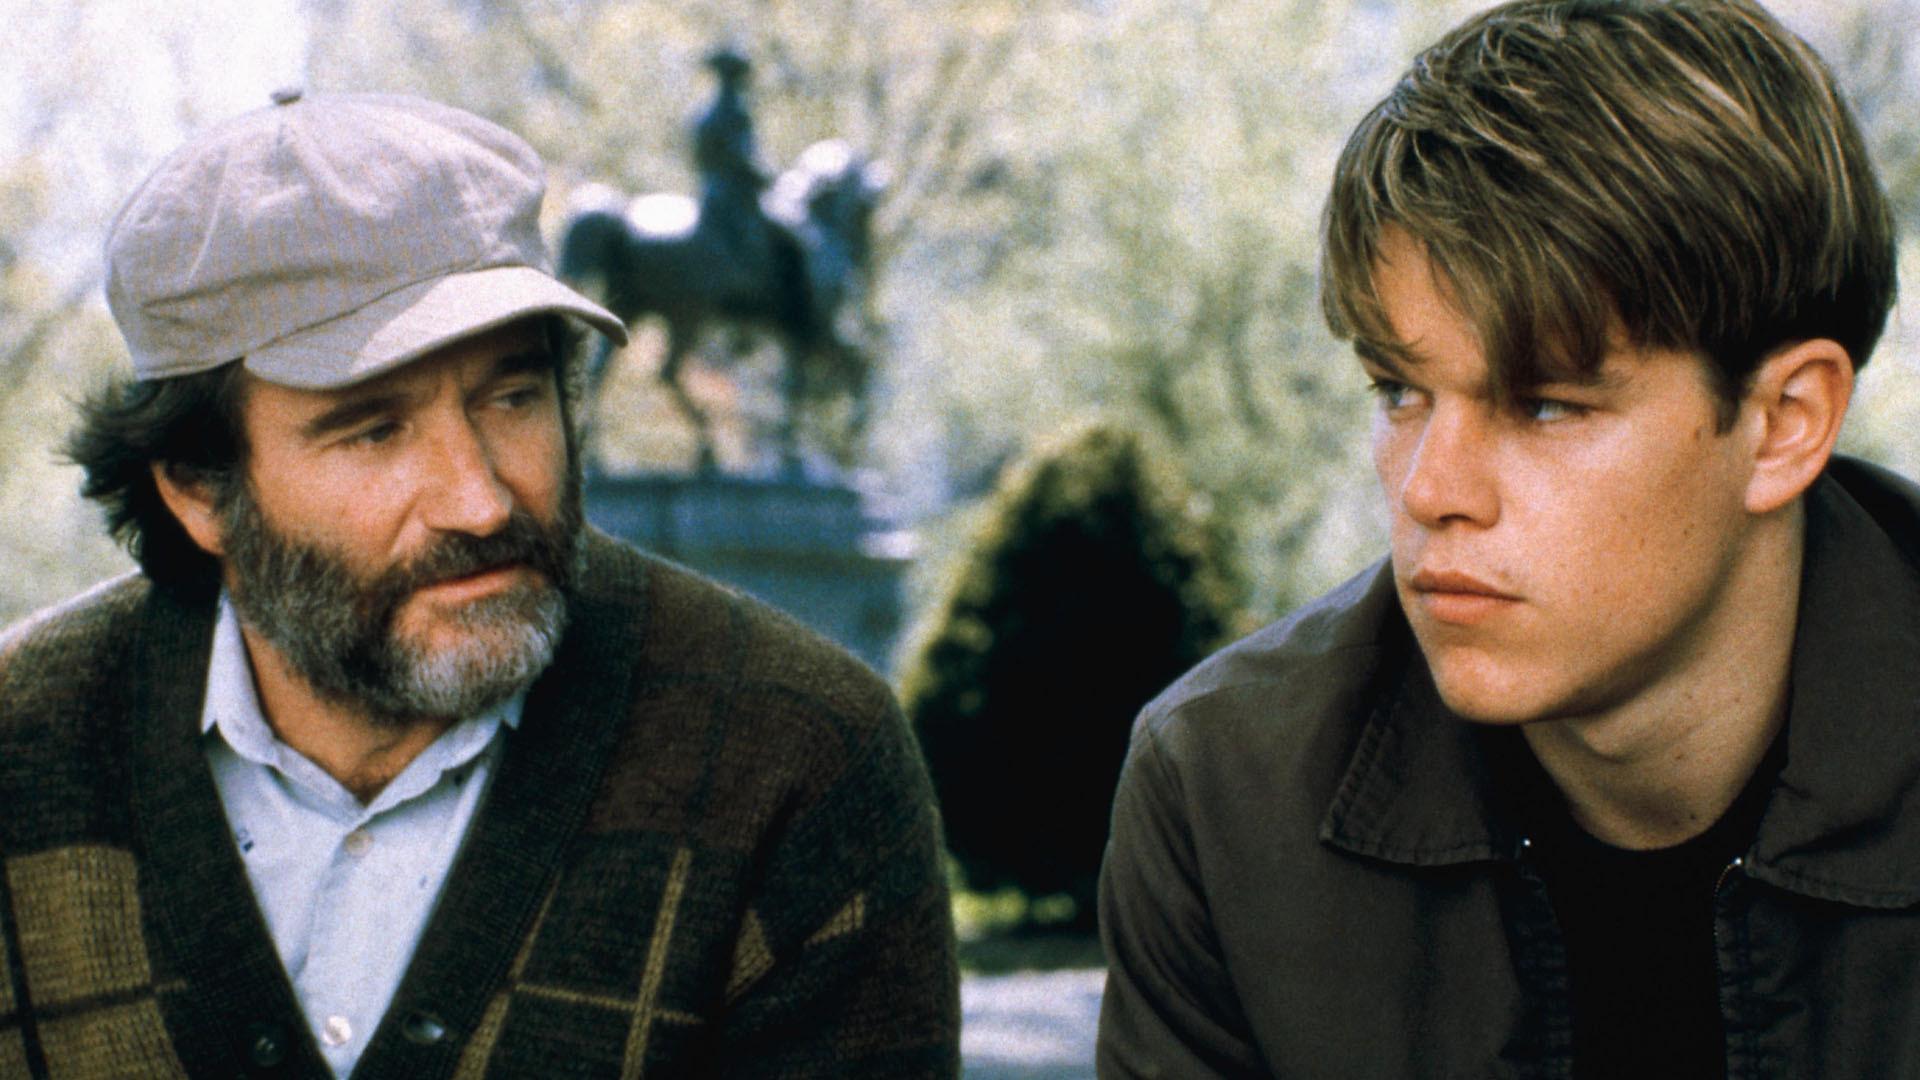 Лучшие фильмы в истории кино (IMDb Top 250) 126-150